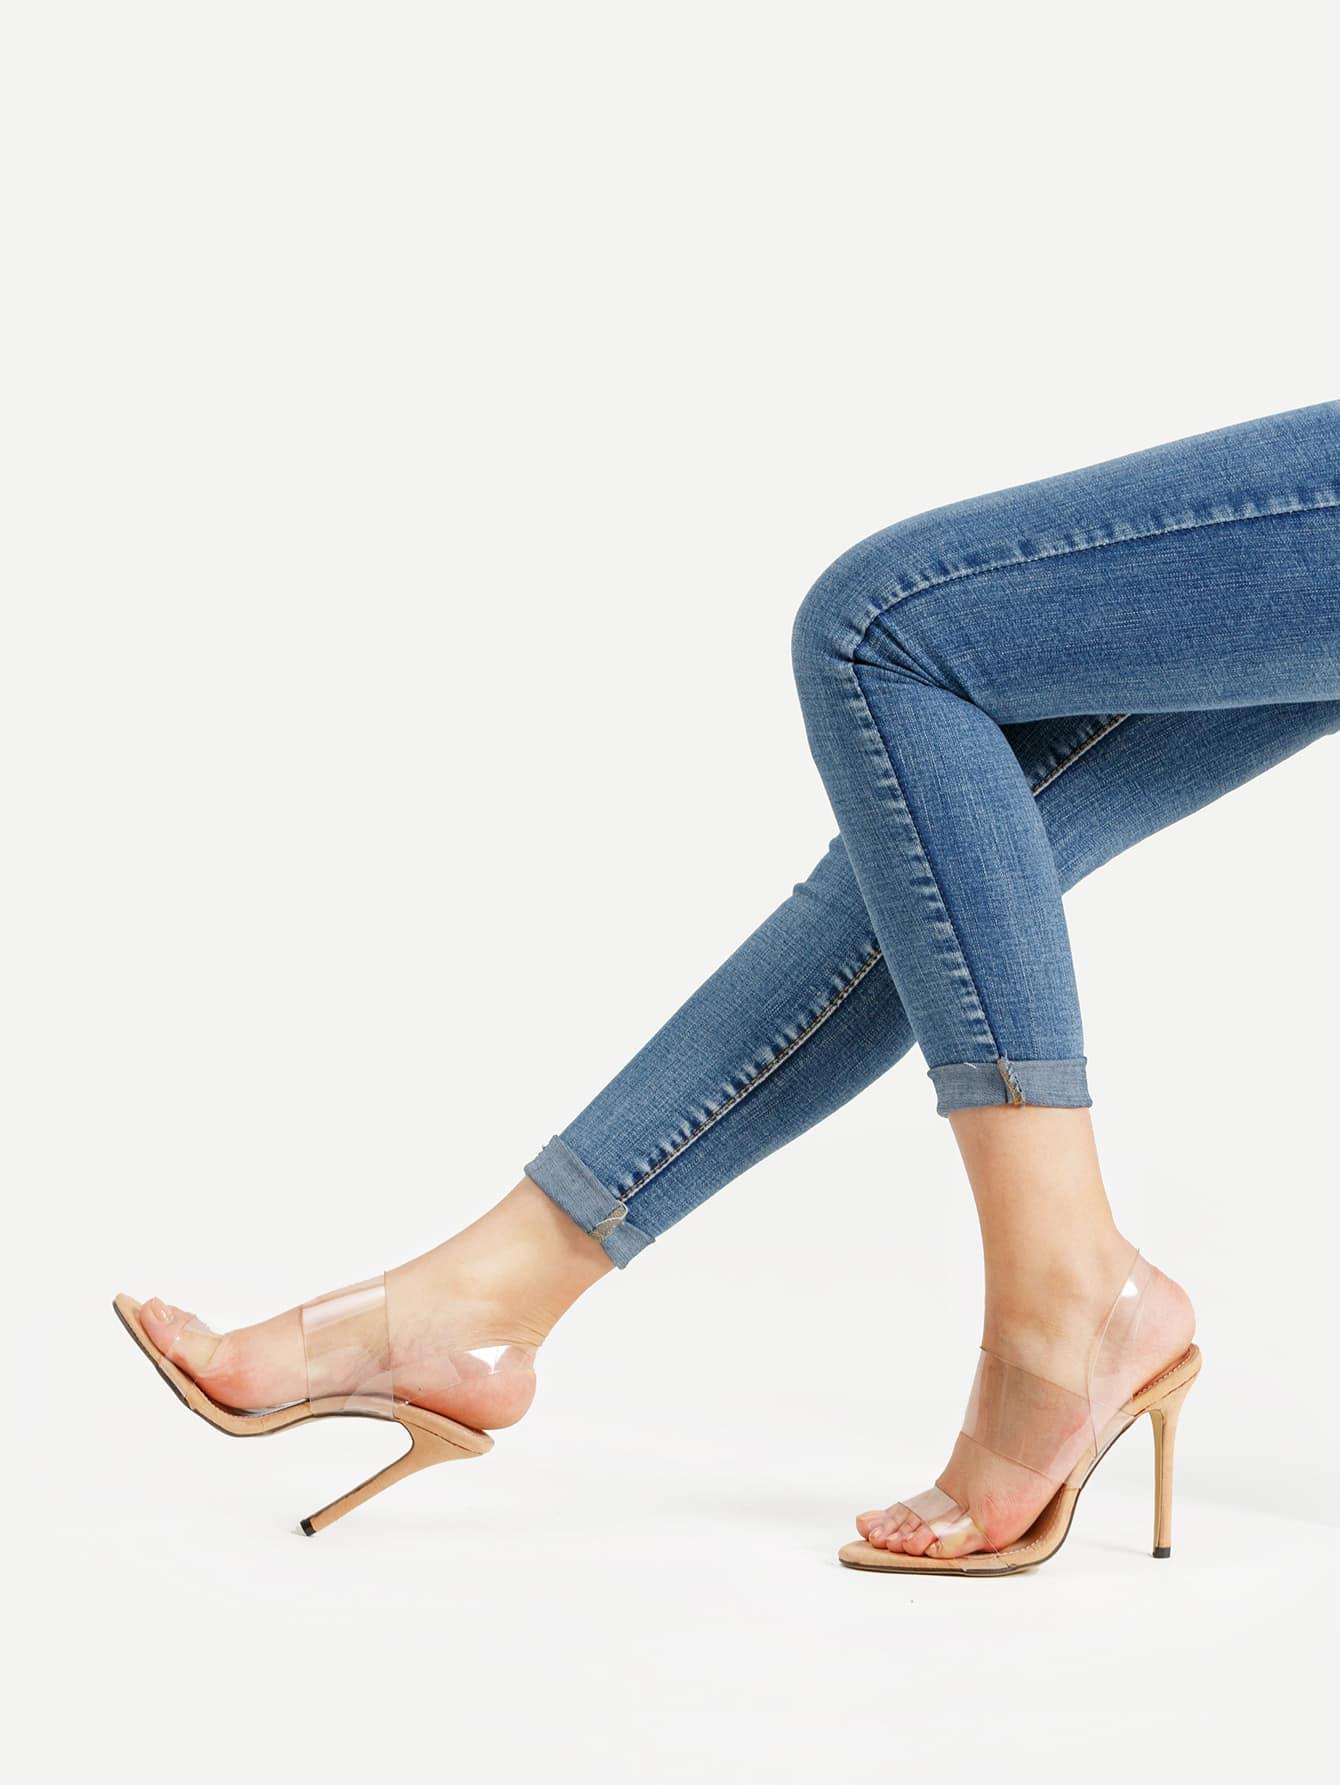 shoes170418811_2